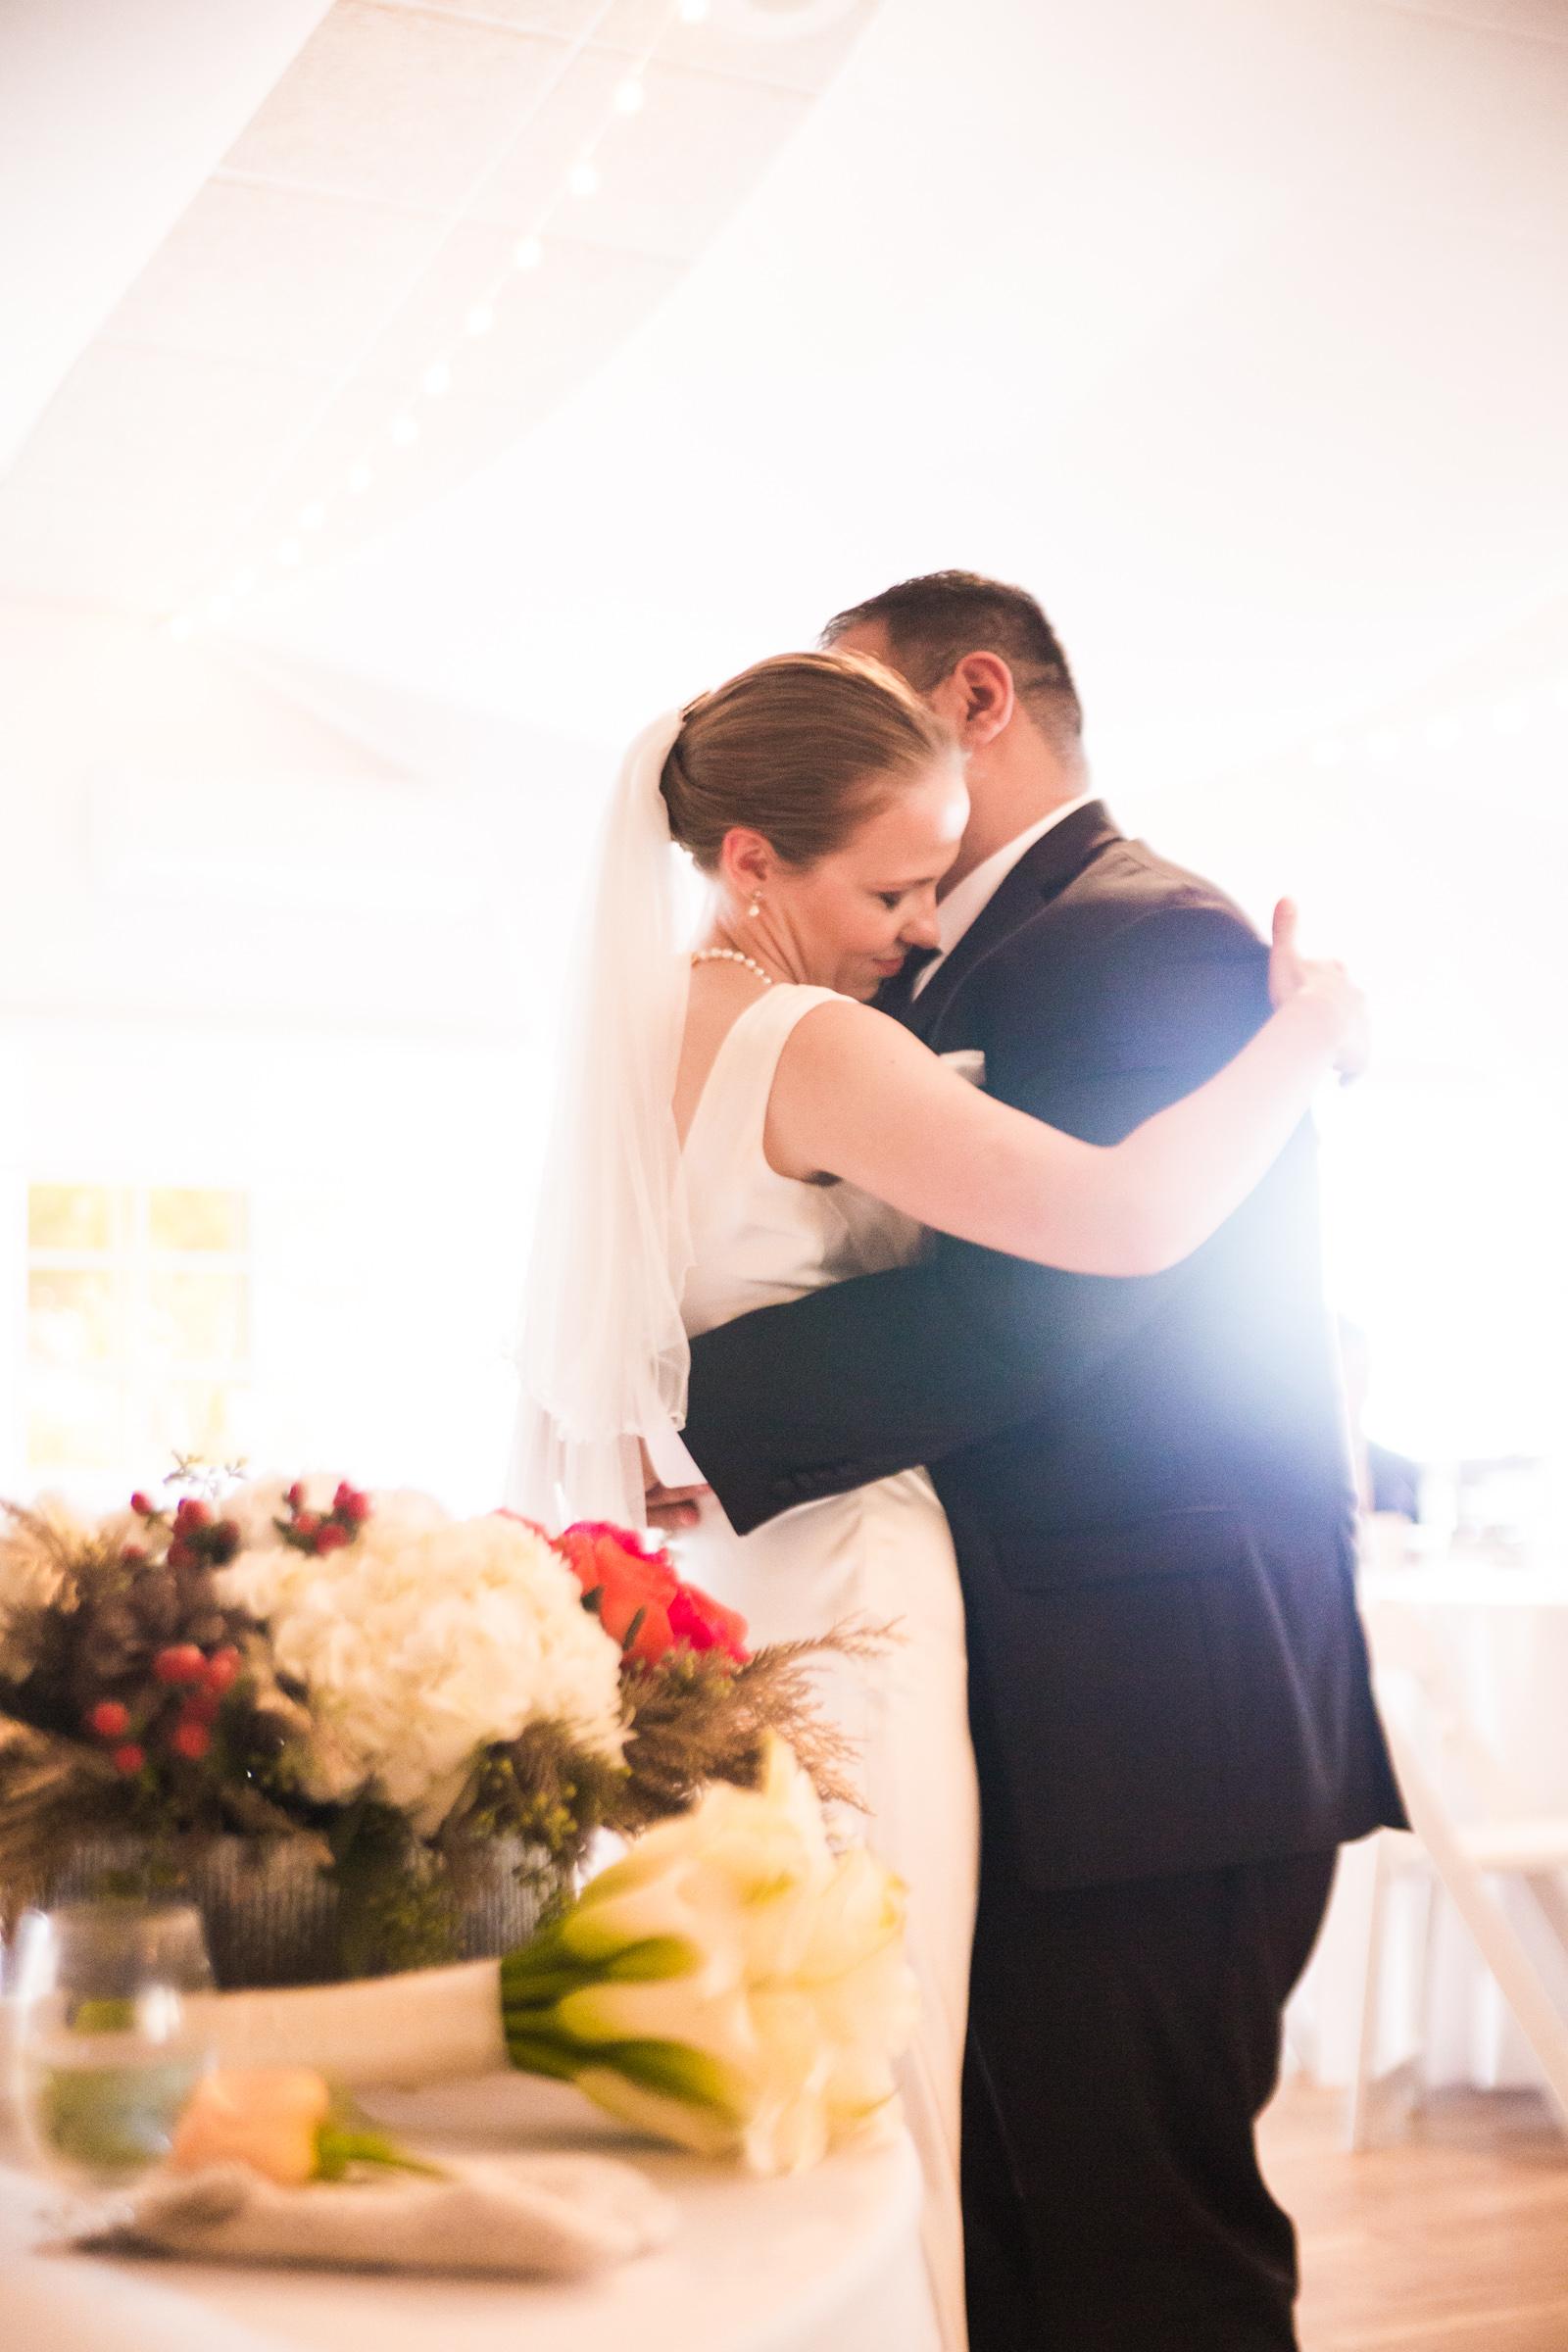 DannyandHazelruth-SanDiego-Wedding-013016-0539.jpg